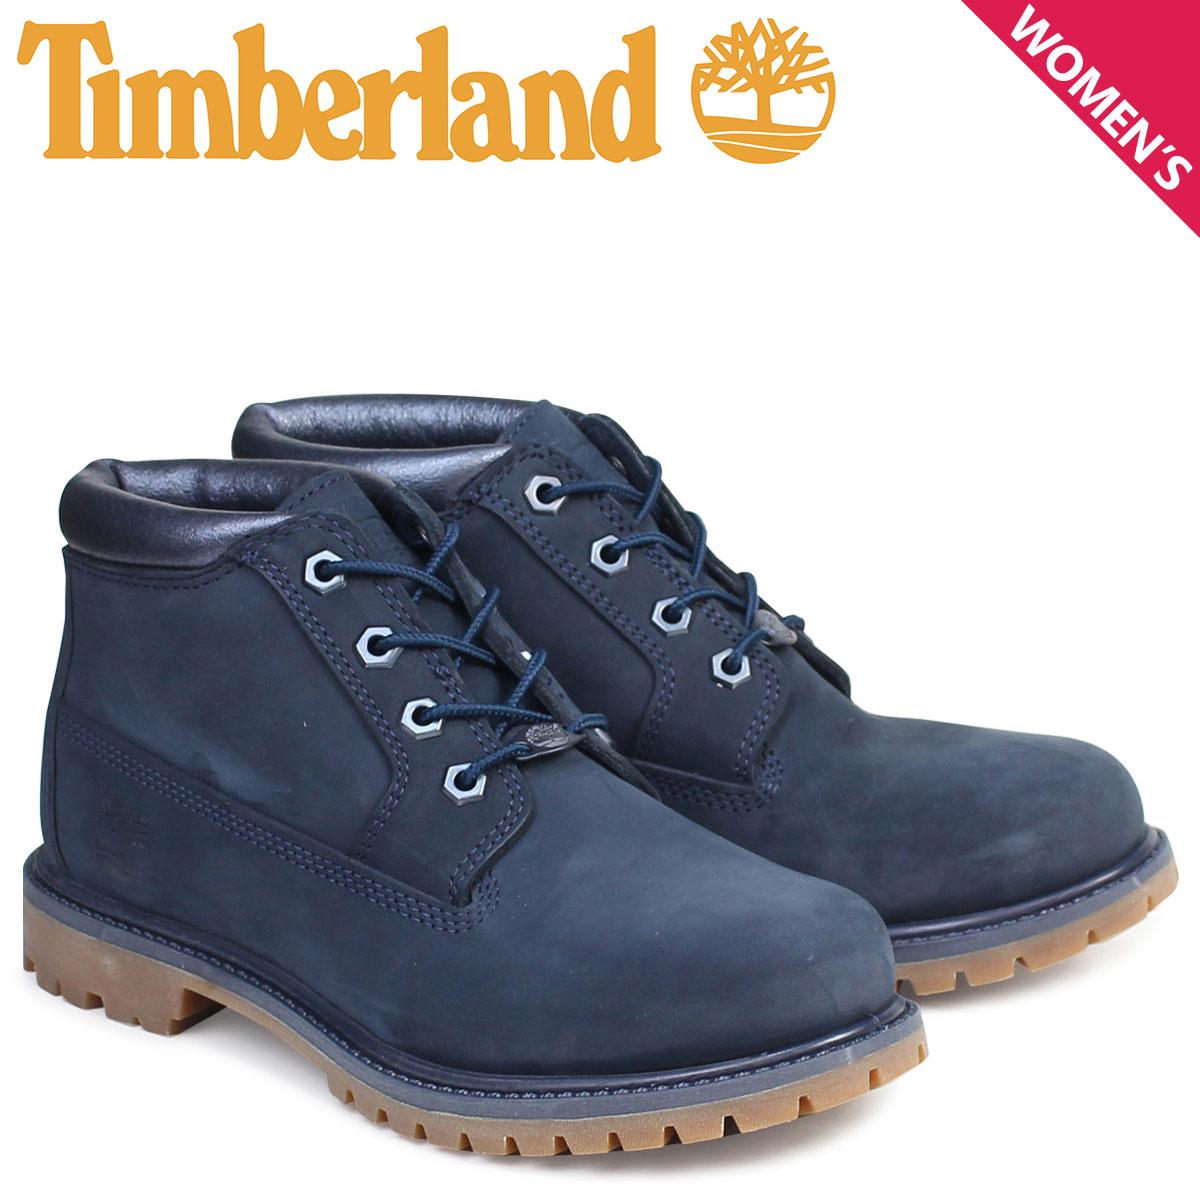 ティンバーランド ブーツ レディース チャッカ Timberland  NELLIE CHUKKA DOUBLE WATERPROOF BOOTS  ネリー ダブル A1K9I Wワイズ ネイビー 防水